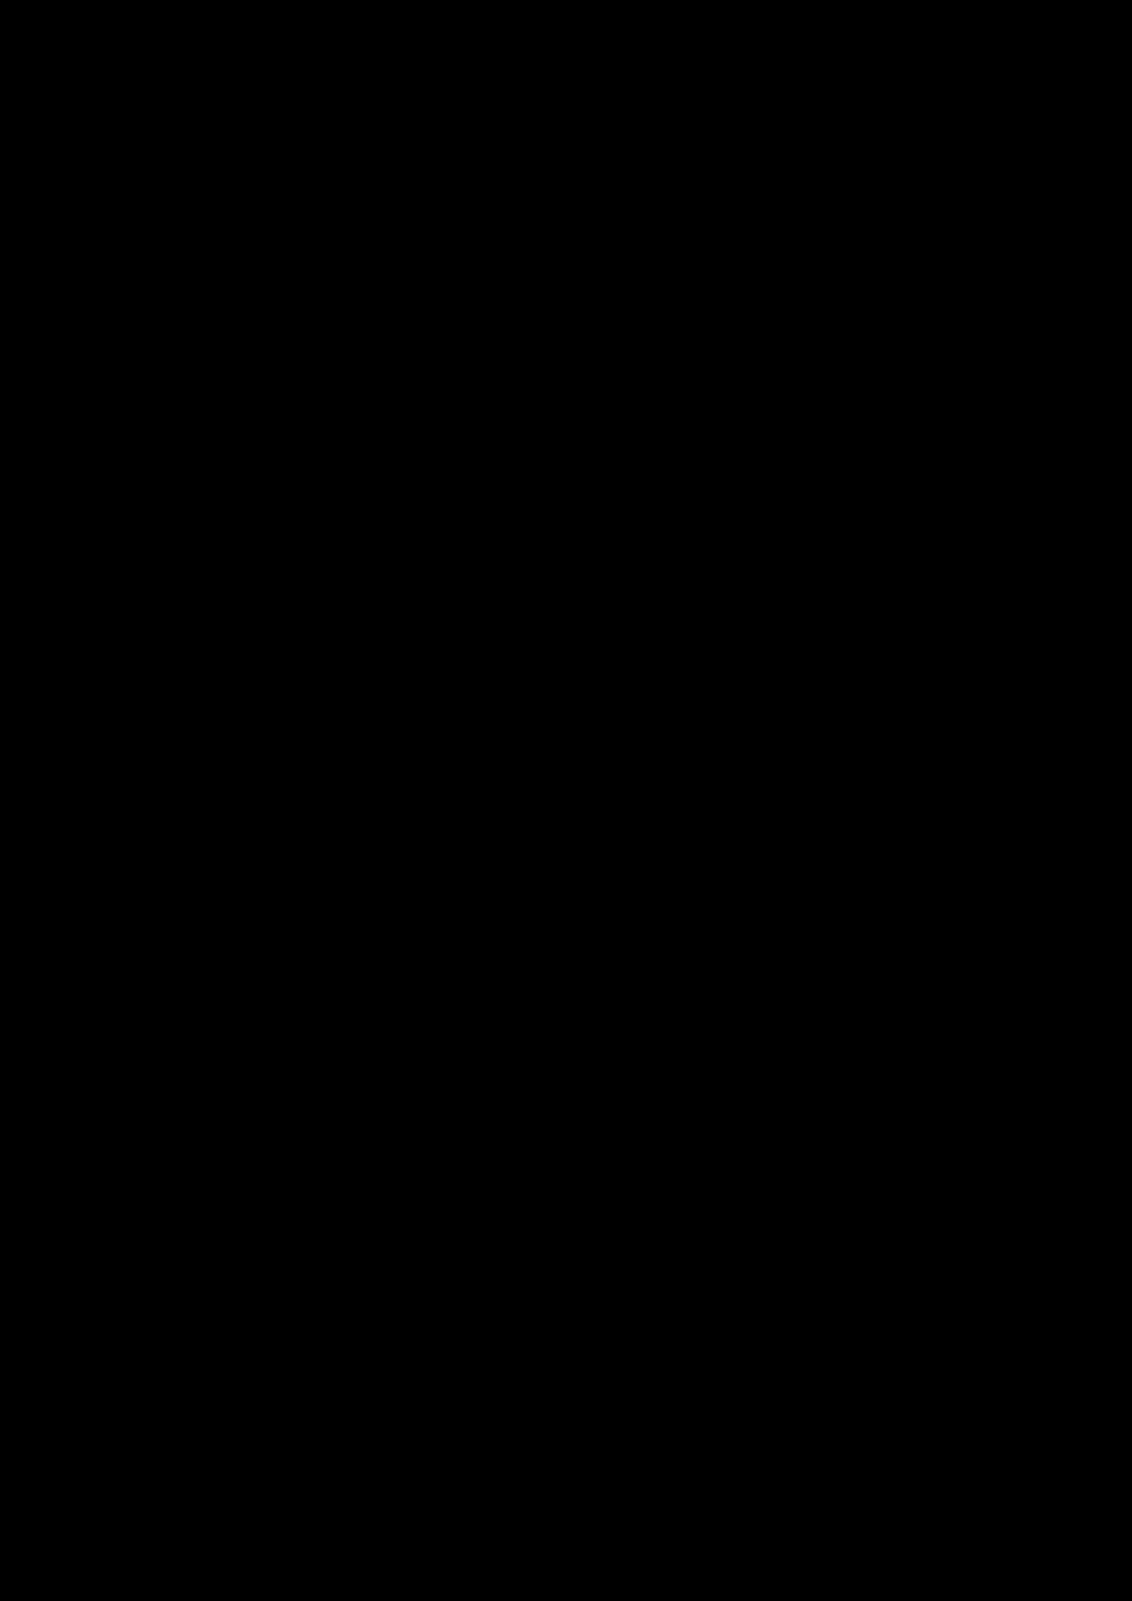 Hools slide, Image 25